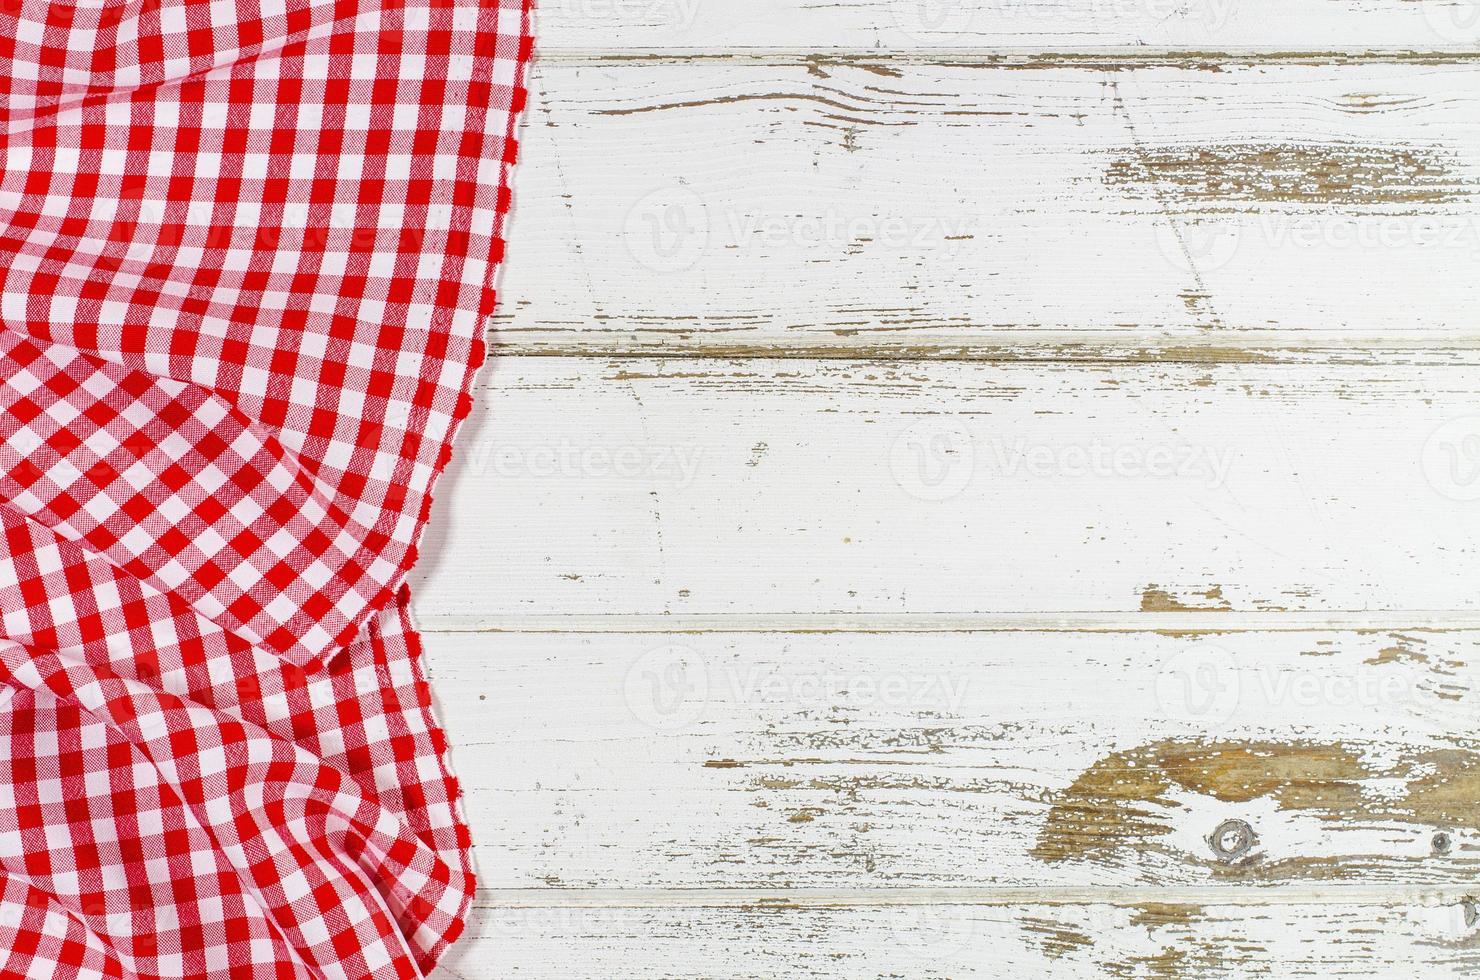 toalha de mesa dobrada vermelha sobre mesa de madeira foto